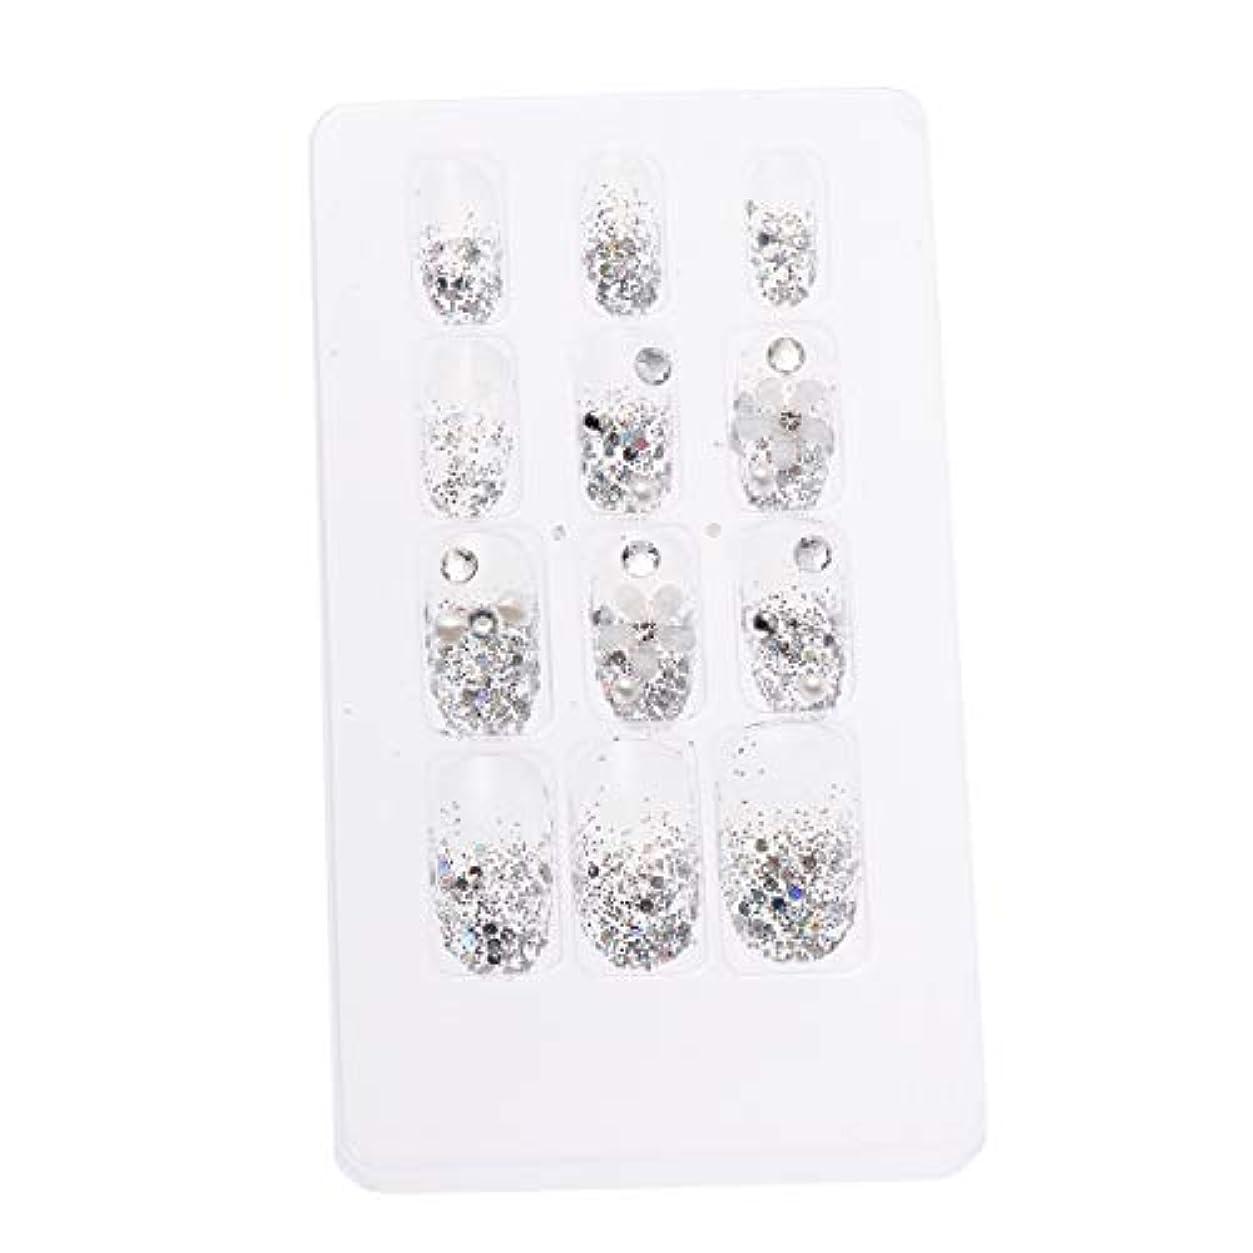 増強提供アーサーLURROSE 24ピースネイルステッカー 人工ダイヤモンド装飾ネイルアート用ブライダル女性